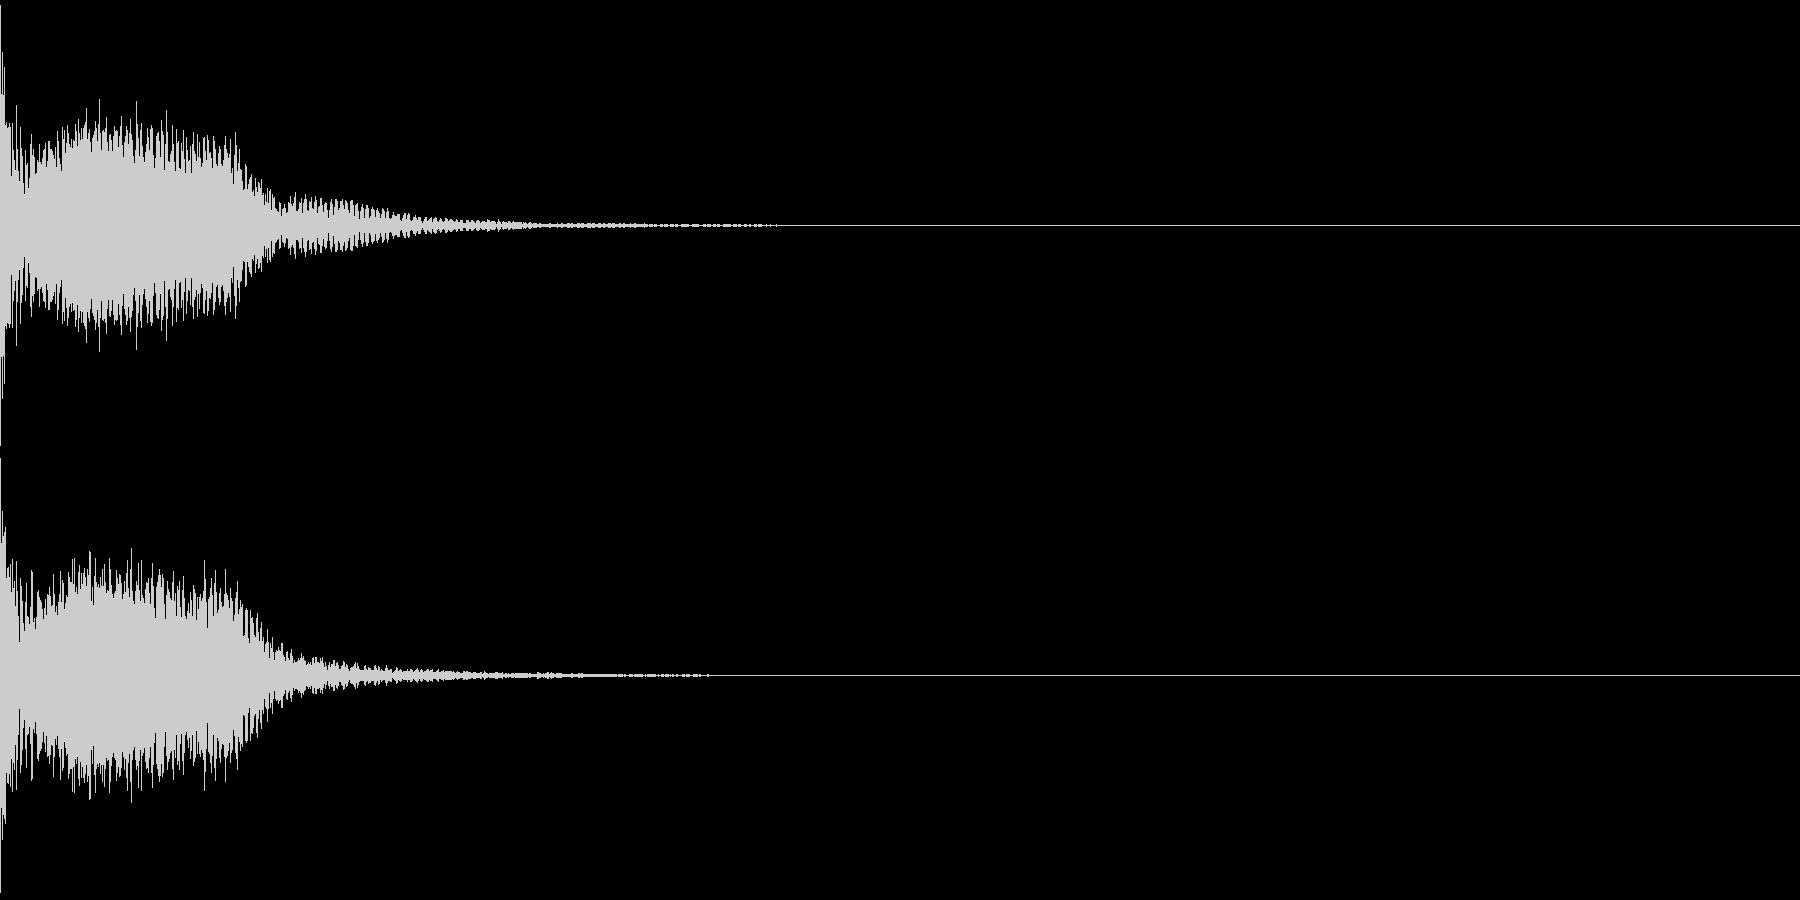 光線銃/ビーム「ビュン」「ビビ」08の未再生の波形